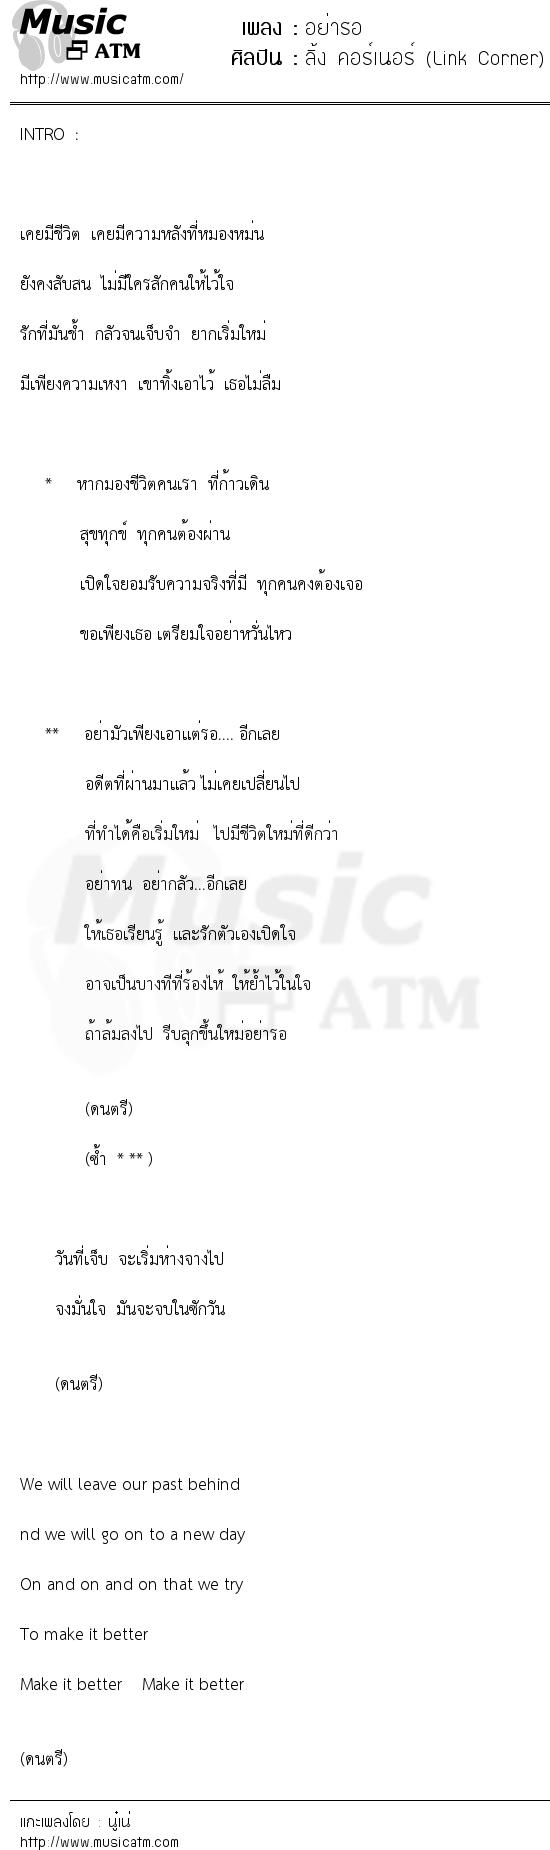 เนื้อเพลง อย่ารอ - ลิ้ง คอร์เนอร์ (Link Corner) | เพลงไทย